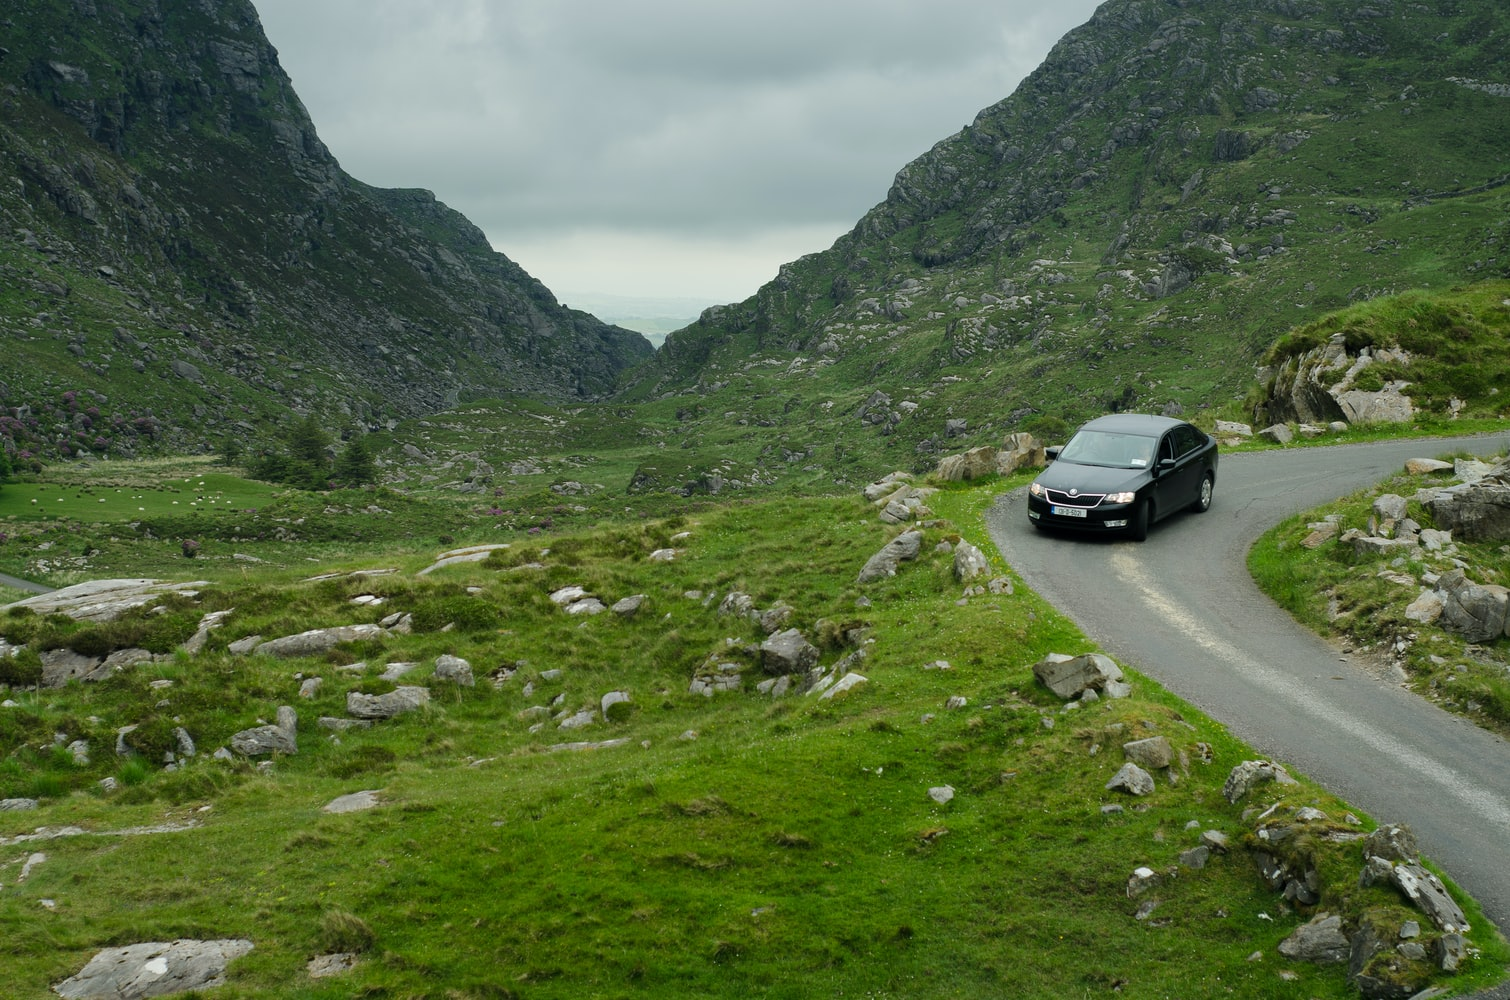 voiture route virage conduite écologique nature